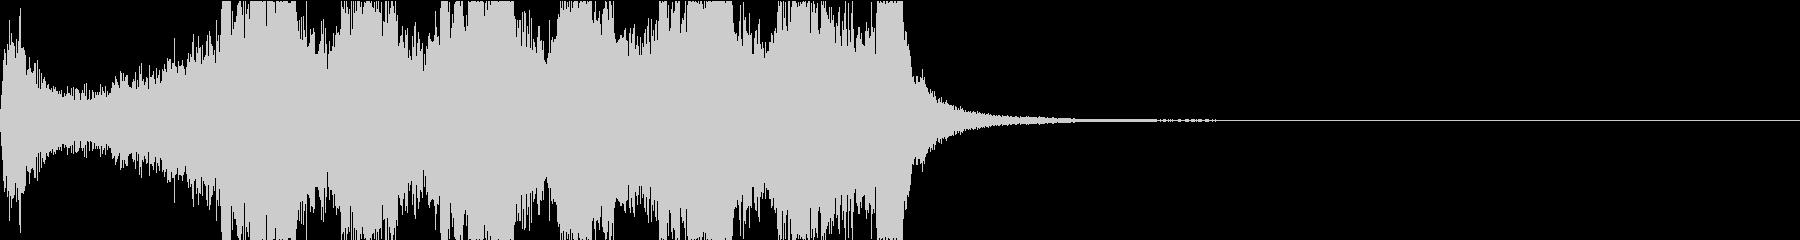 勝利時のファンファーレの未再生の波形